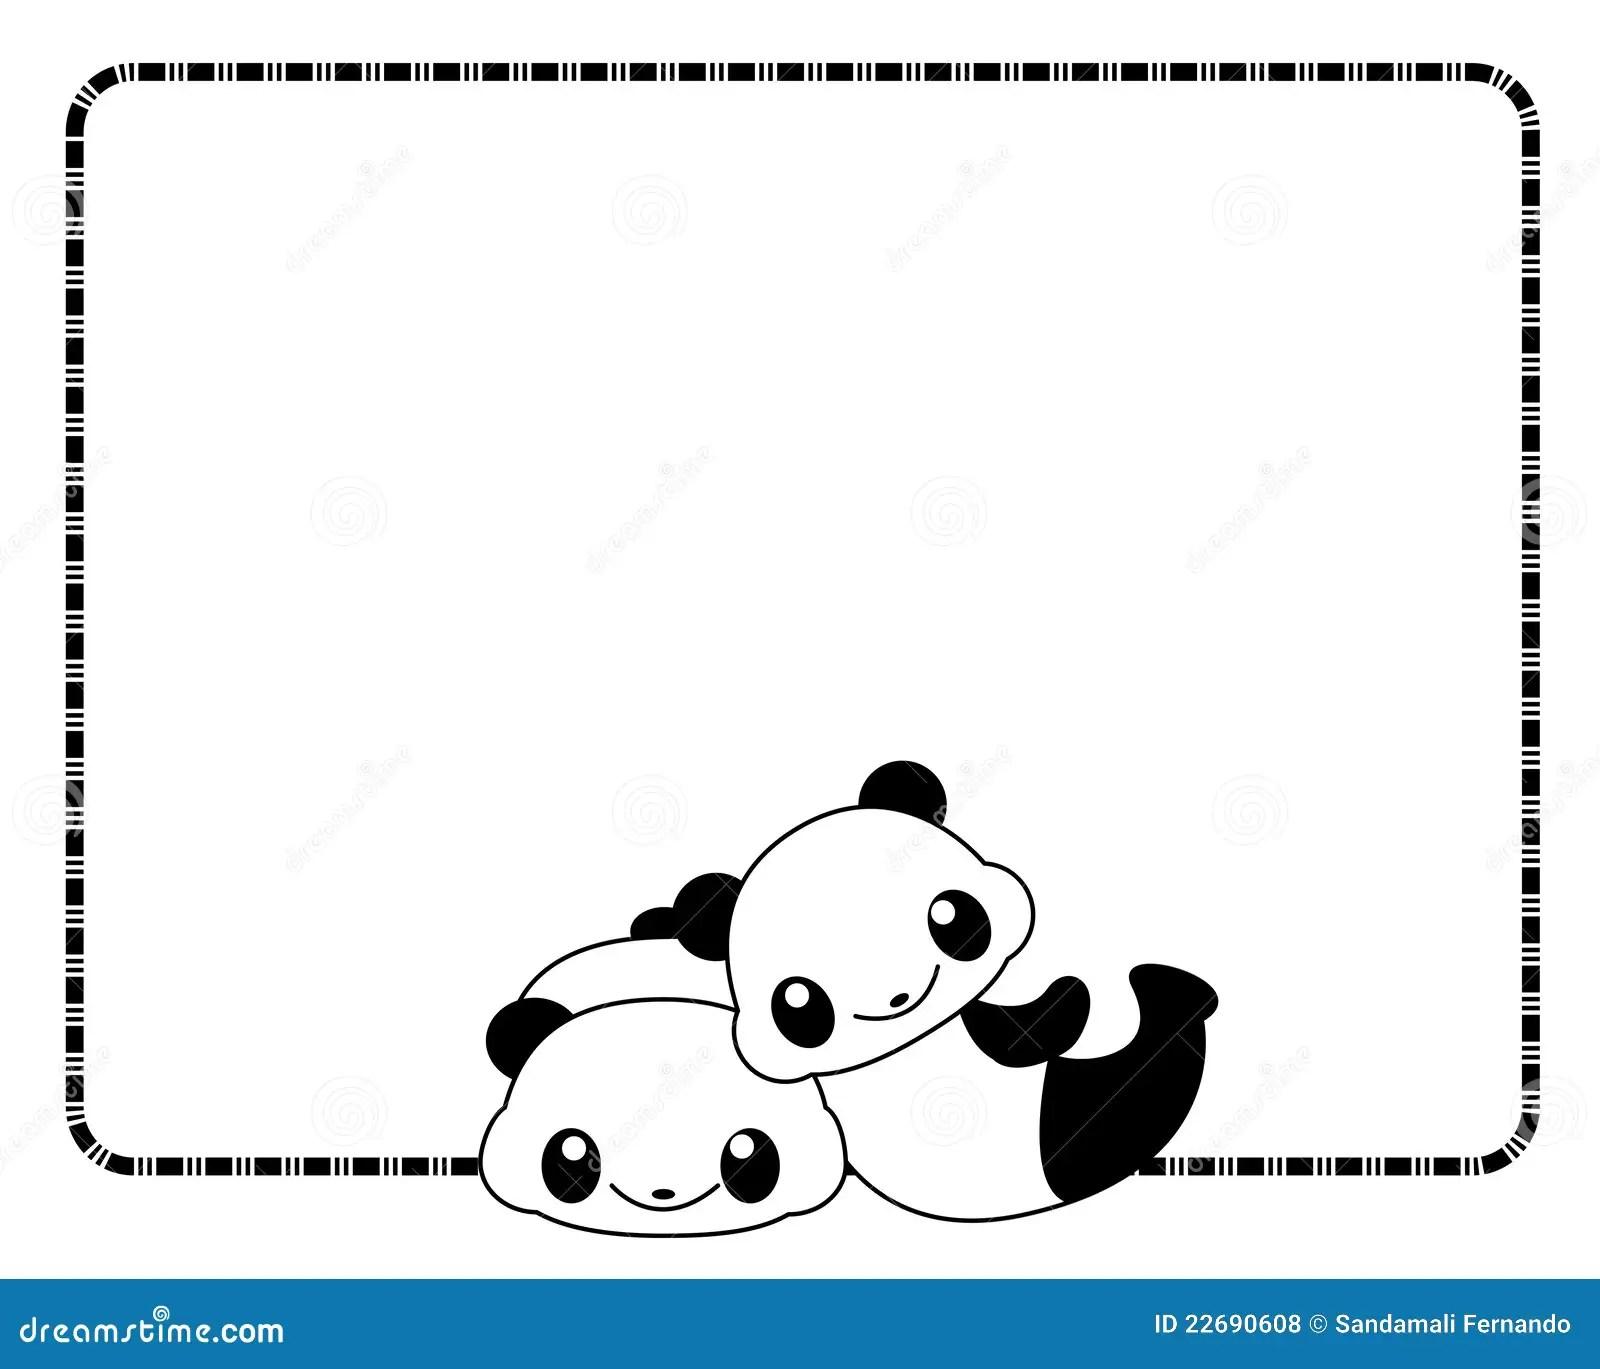 Panda Frame Border Cartoon Vector